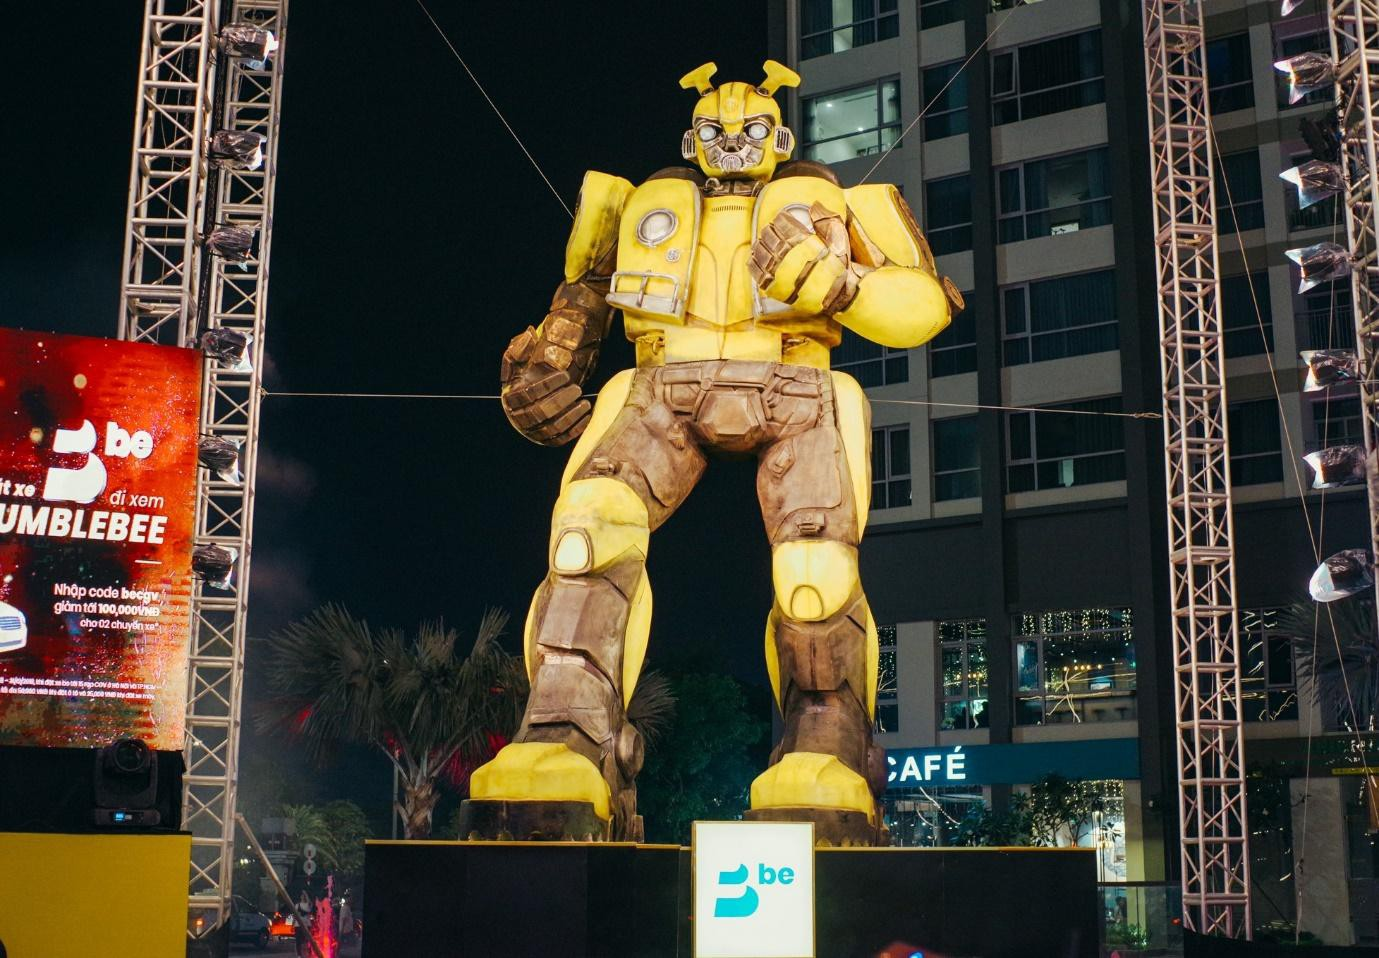 Điều gì biến Bumblebee từ robot trong phim trở thành idol trong lòng giới trẻ? - Ảnh 3.